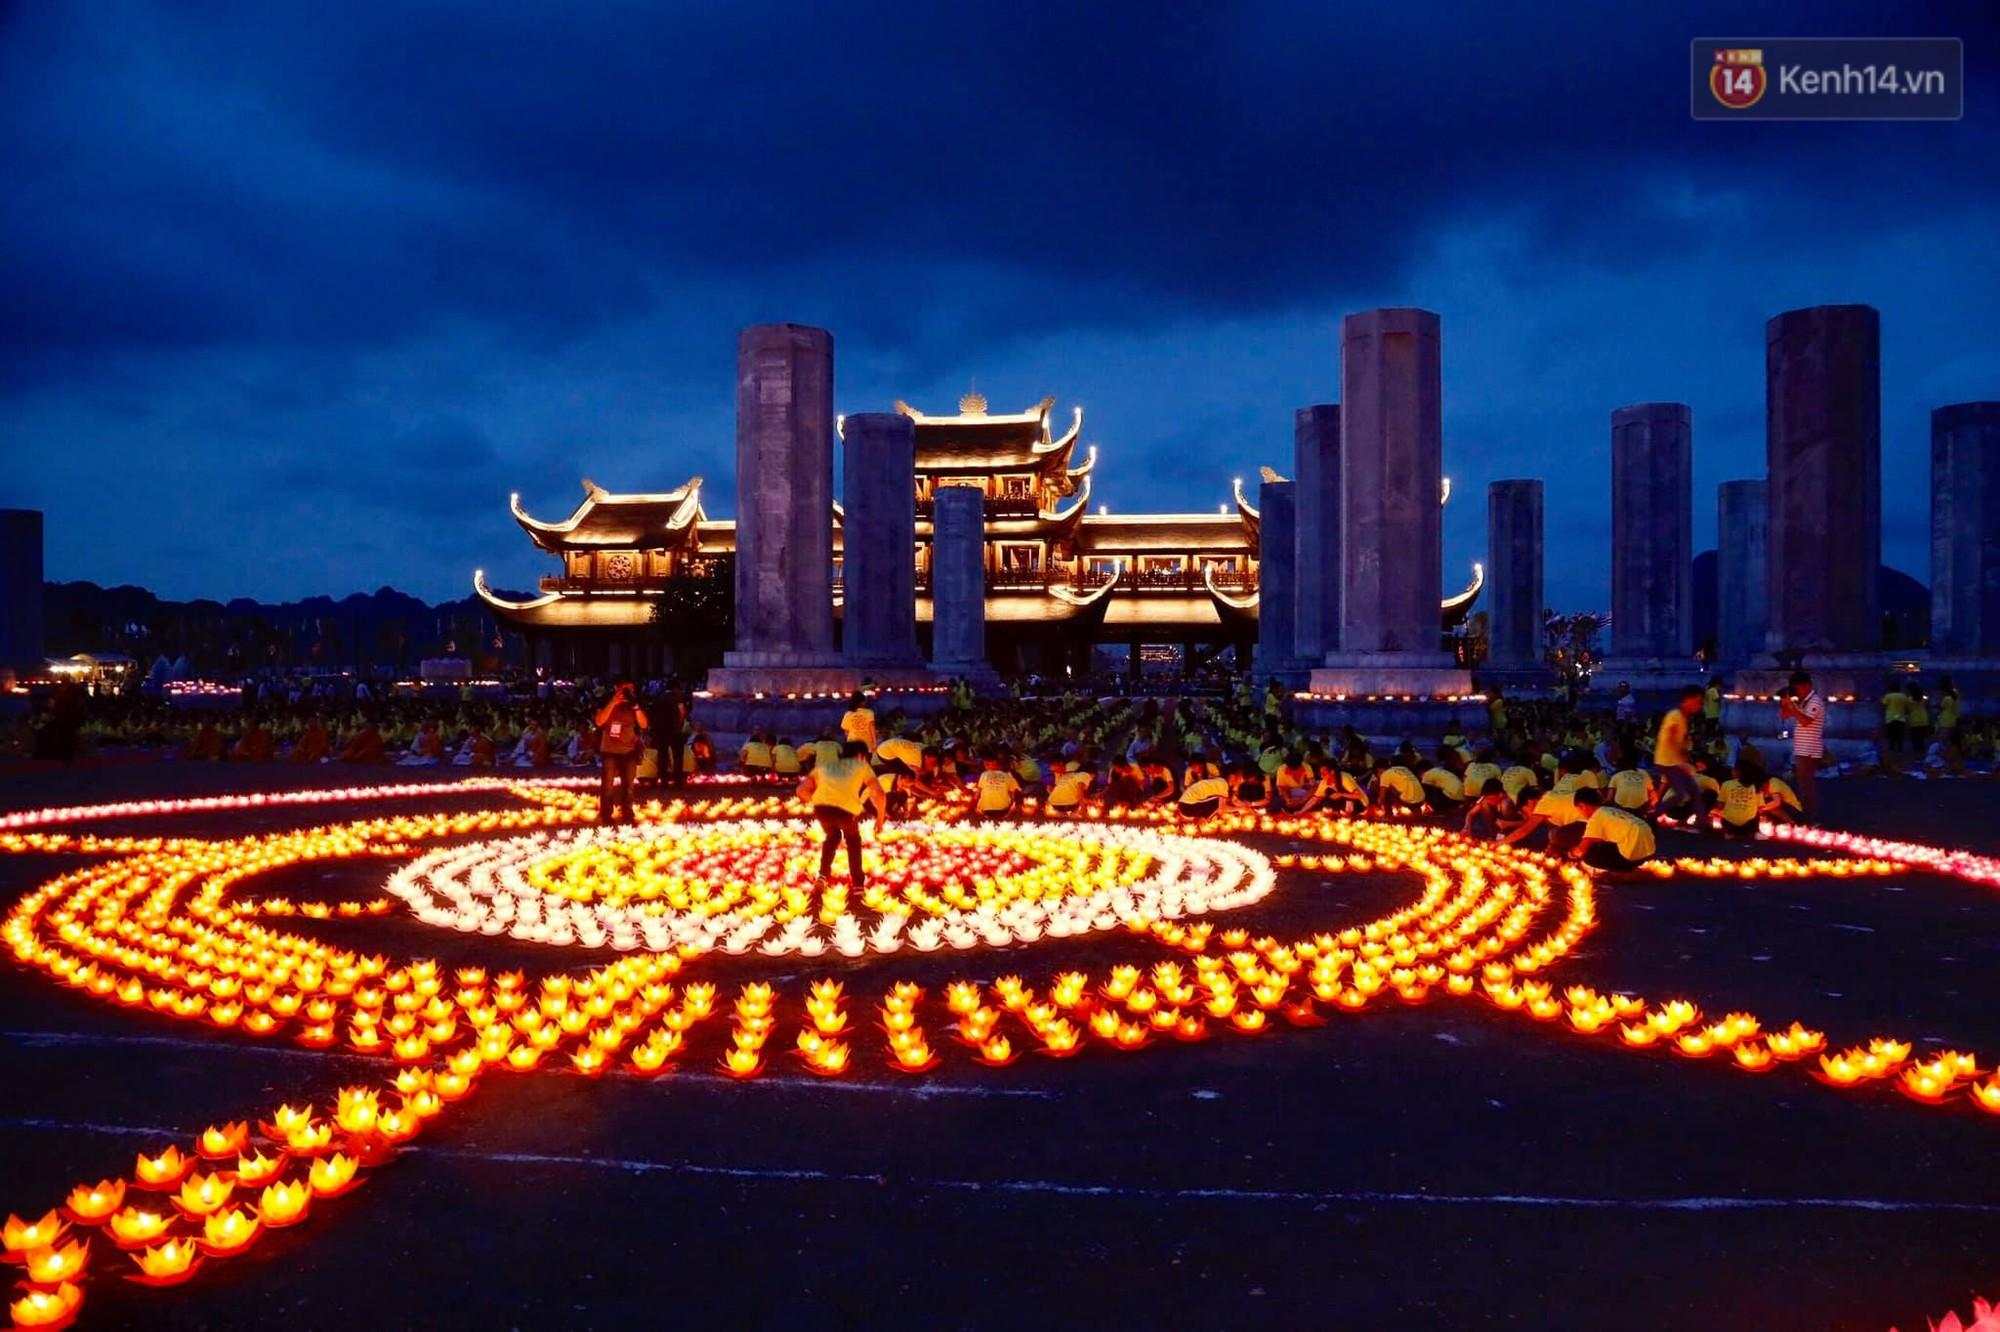 Hàng vạn người tham gia buổi lễ cầu nguyện hoà bình và hoa đăng tại chùa Tam Chúc - Ảnh 5.